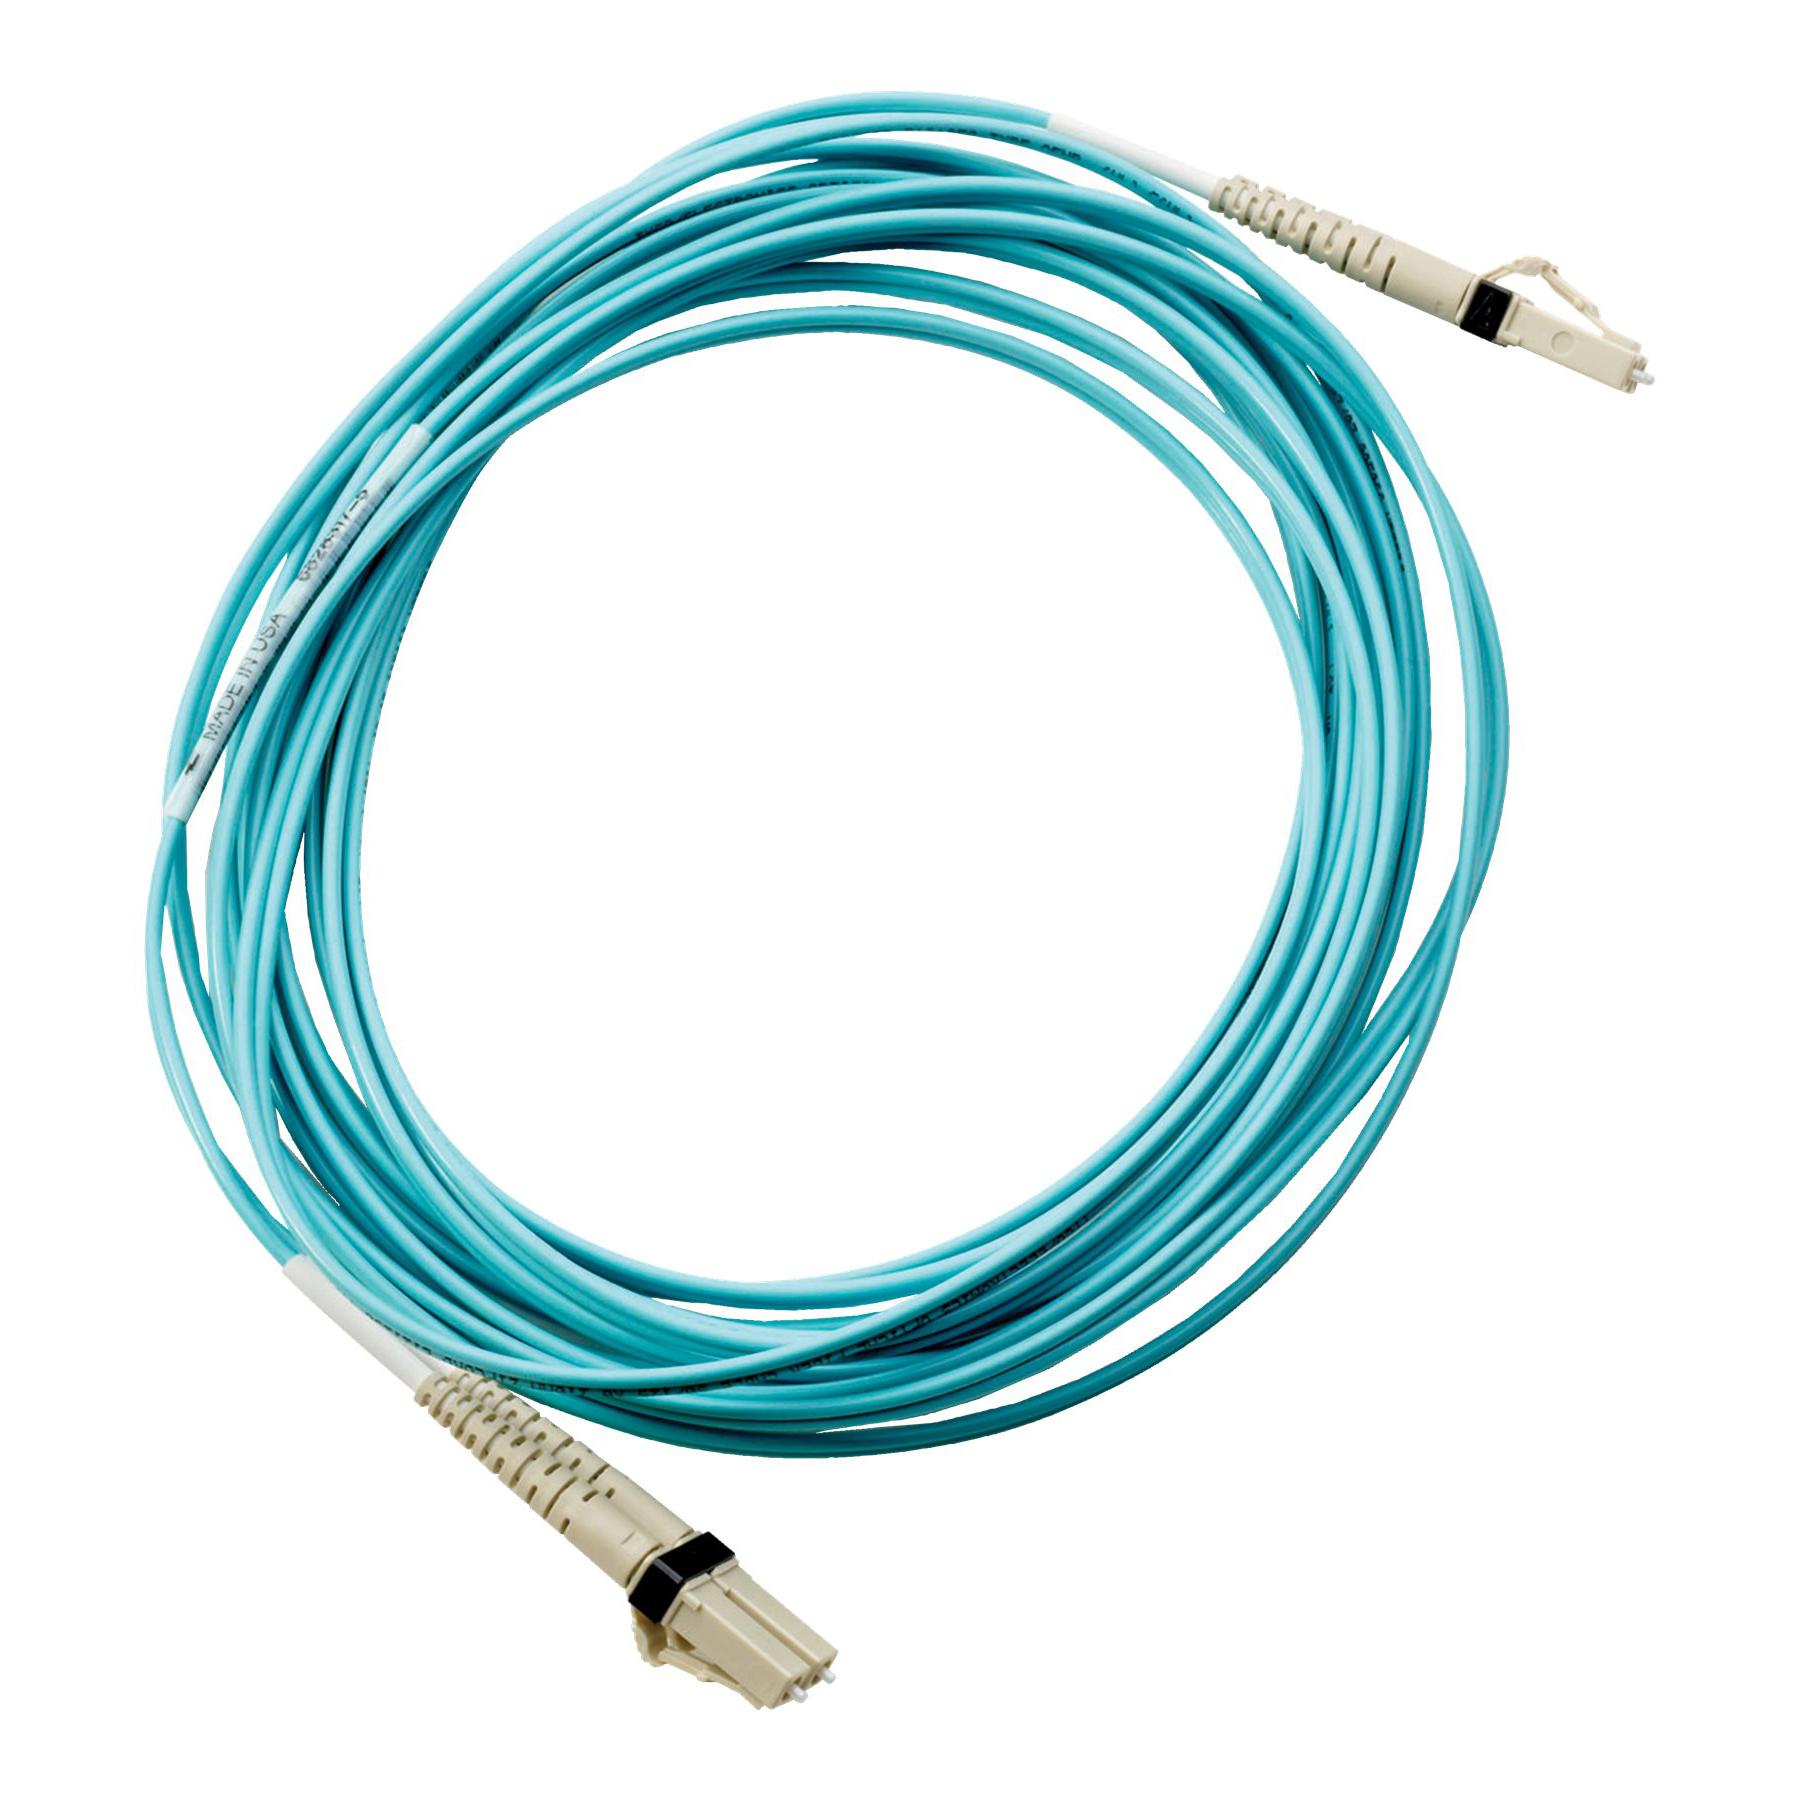 HP Premier Flex LC/LC Multi-mode OM4 2 fiber 5m Cable PART NO.(QK734A) ,Network Cables